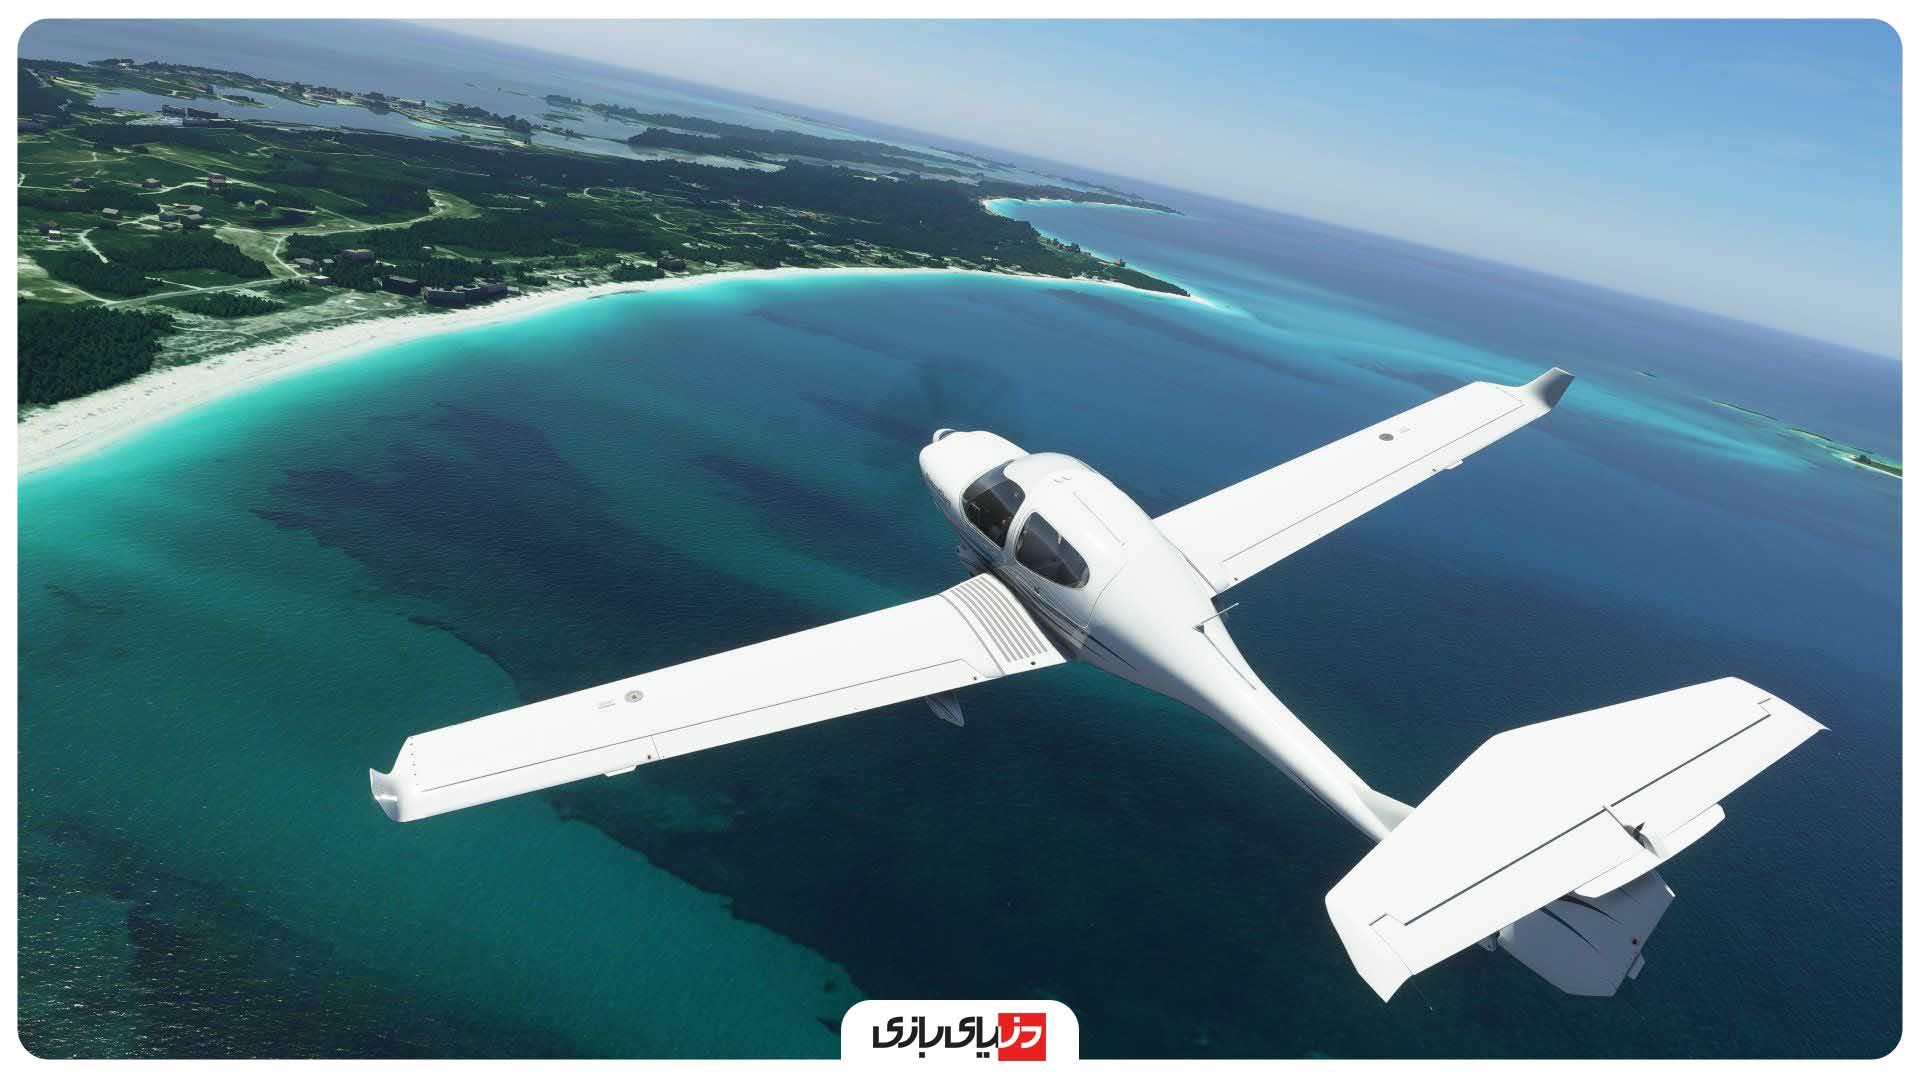 ده برتر - بهترین بازیها از نظر IGN – بازی Microsoft Flight Simulator